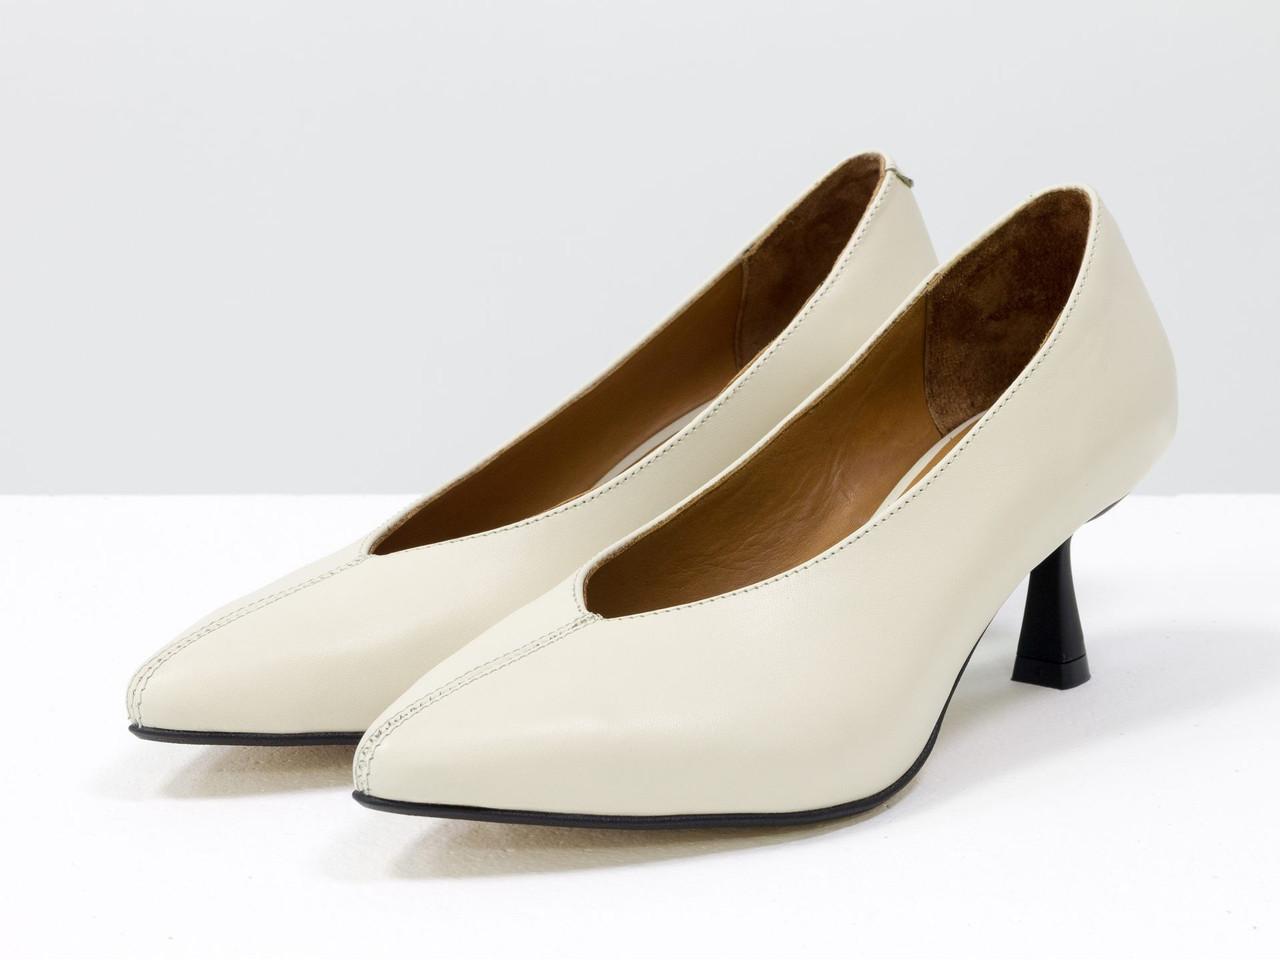 Дизайнерські туфлі на невисокому шпильці, виконані з натуральної італійської шкіри молочного кольору